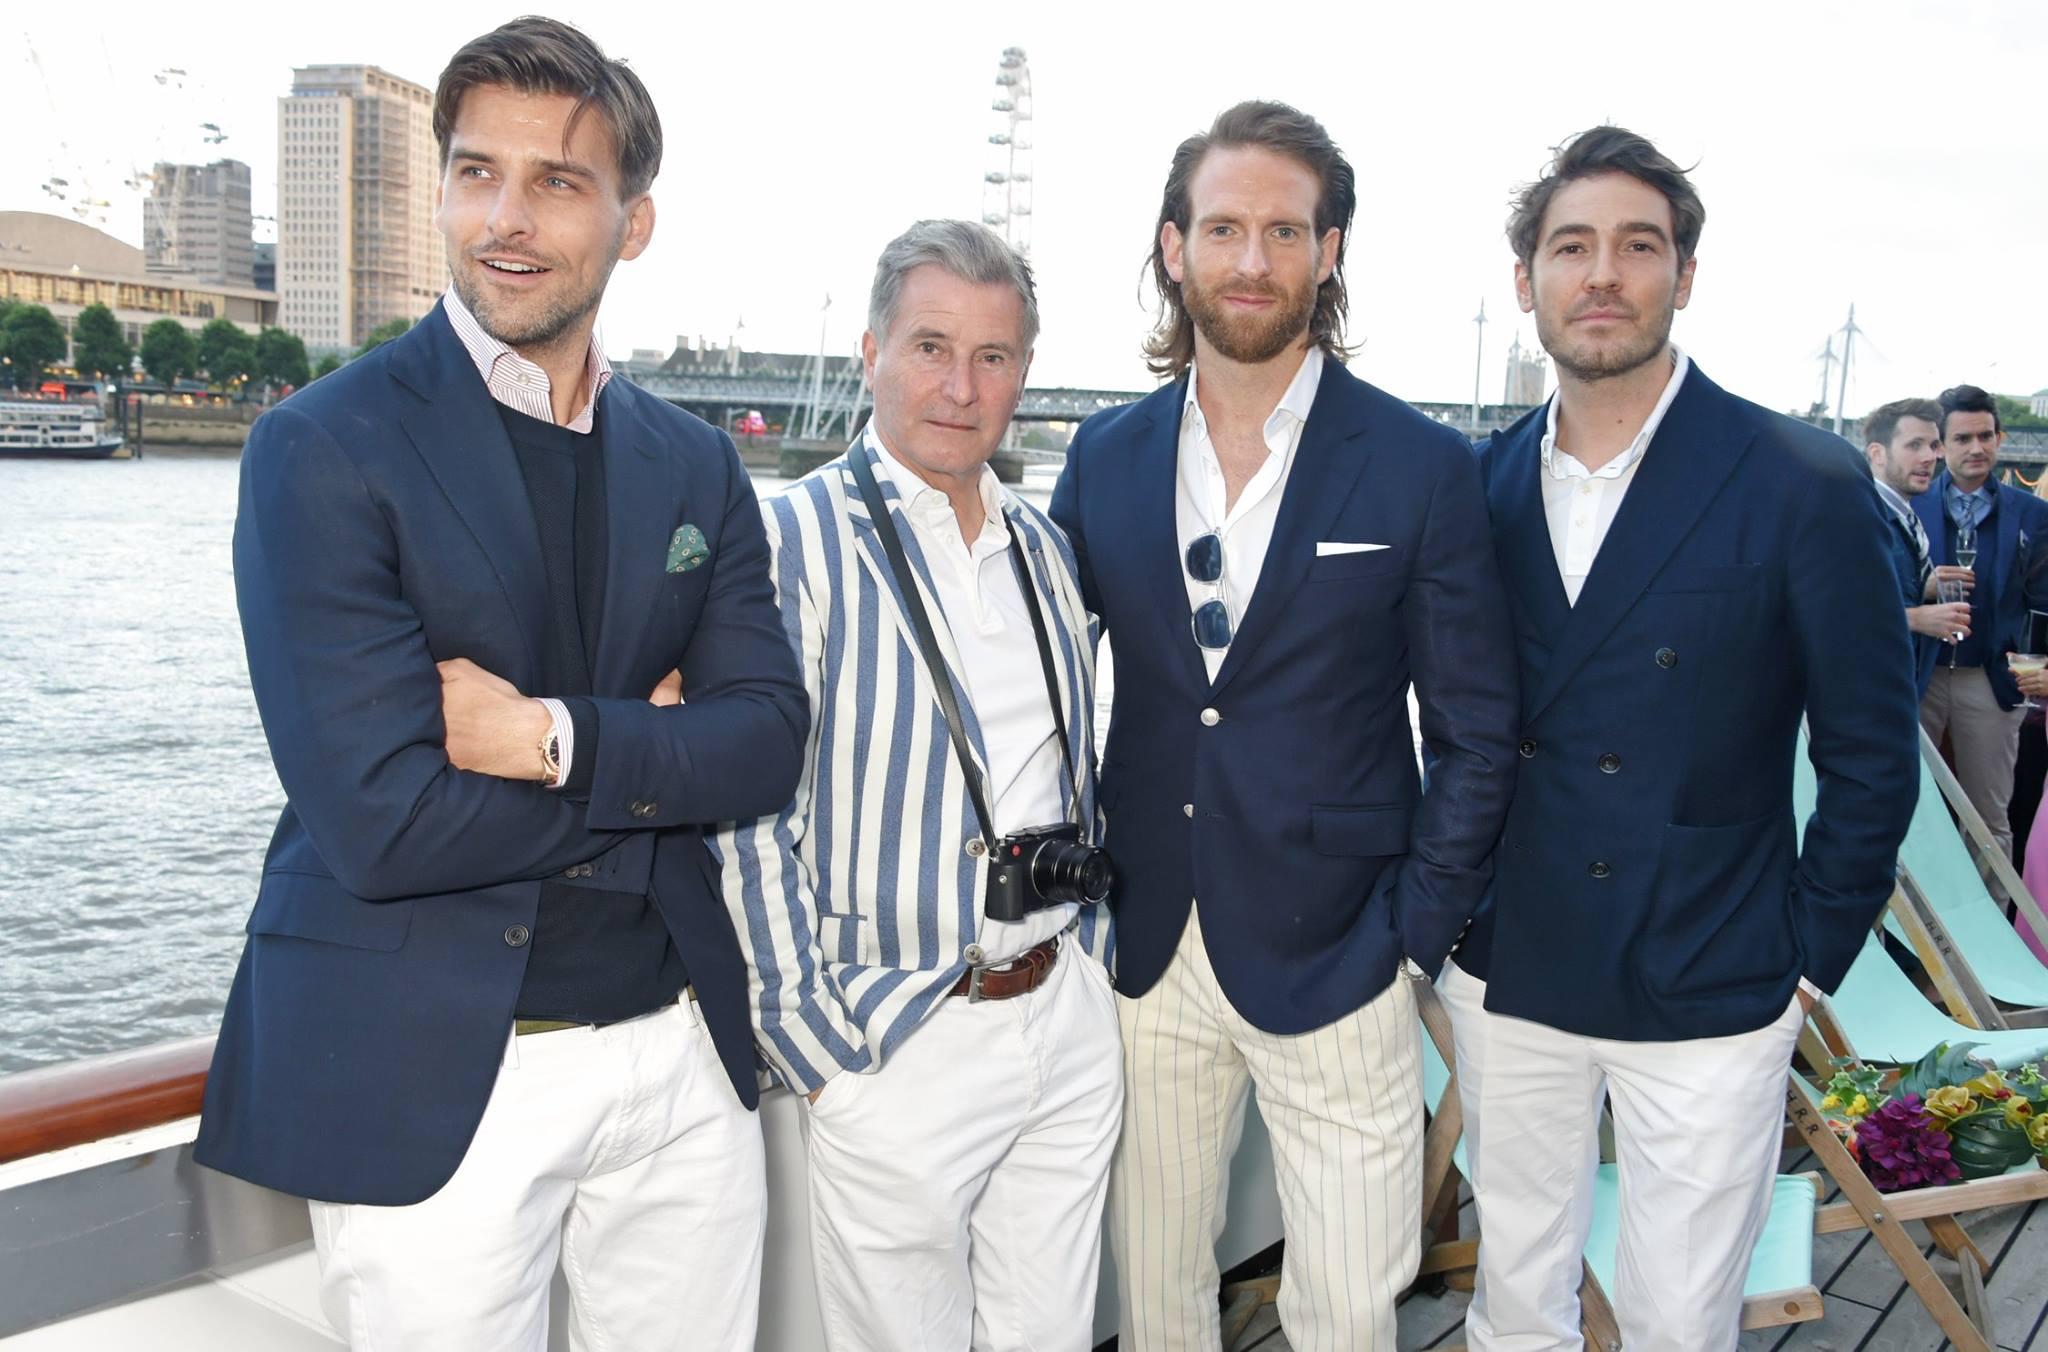 Johannes Huebl và Craig McGinlay xuất hiện tại hầu hết các sự kiện lớn tại Tuần lễ thời trang nam London lần này